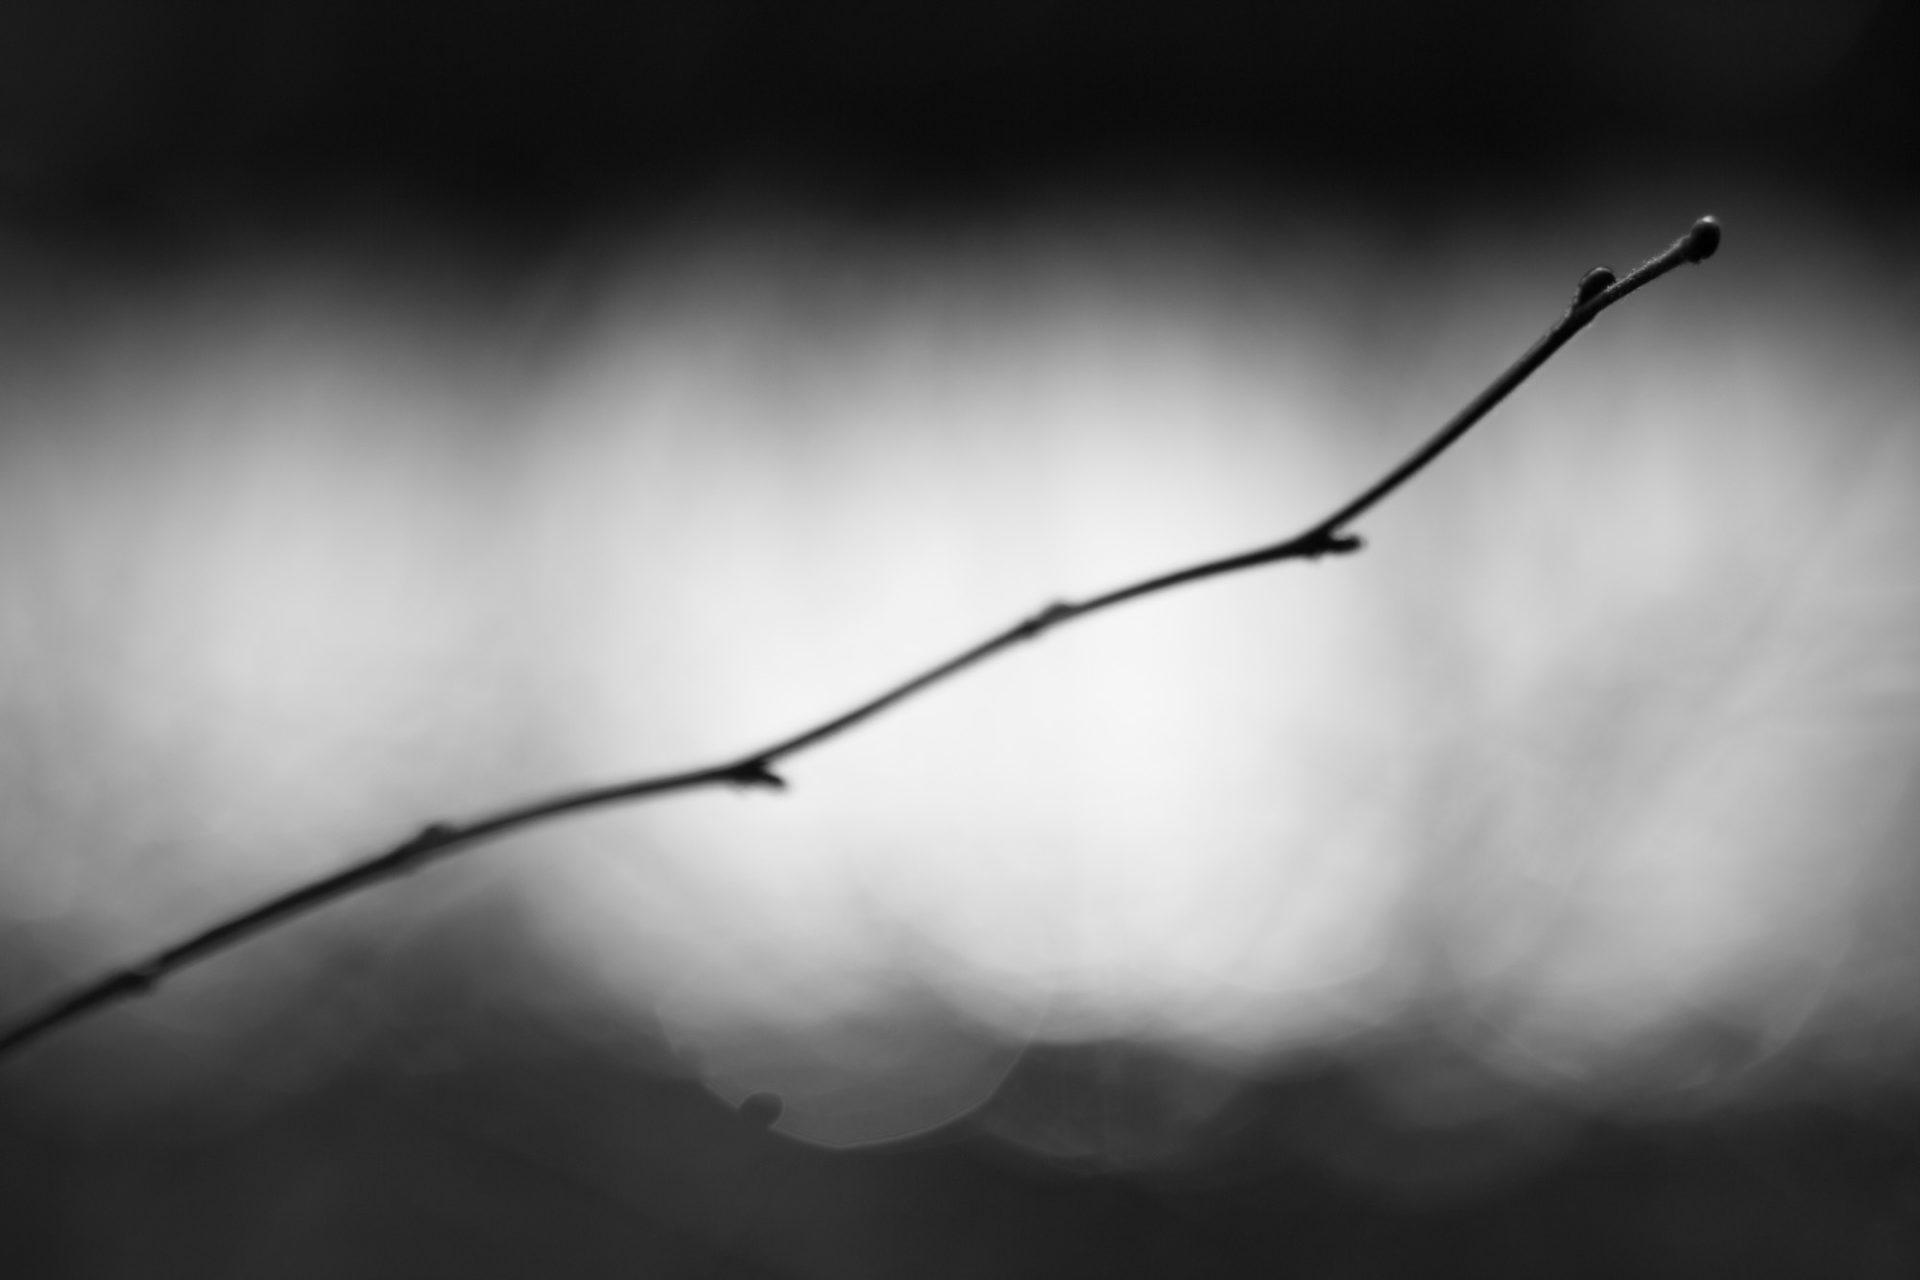 Fotografin - Daniela Hürlimann - SW Zweig im Licht